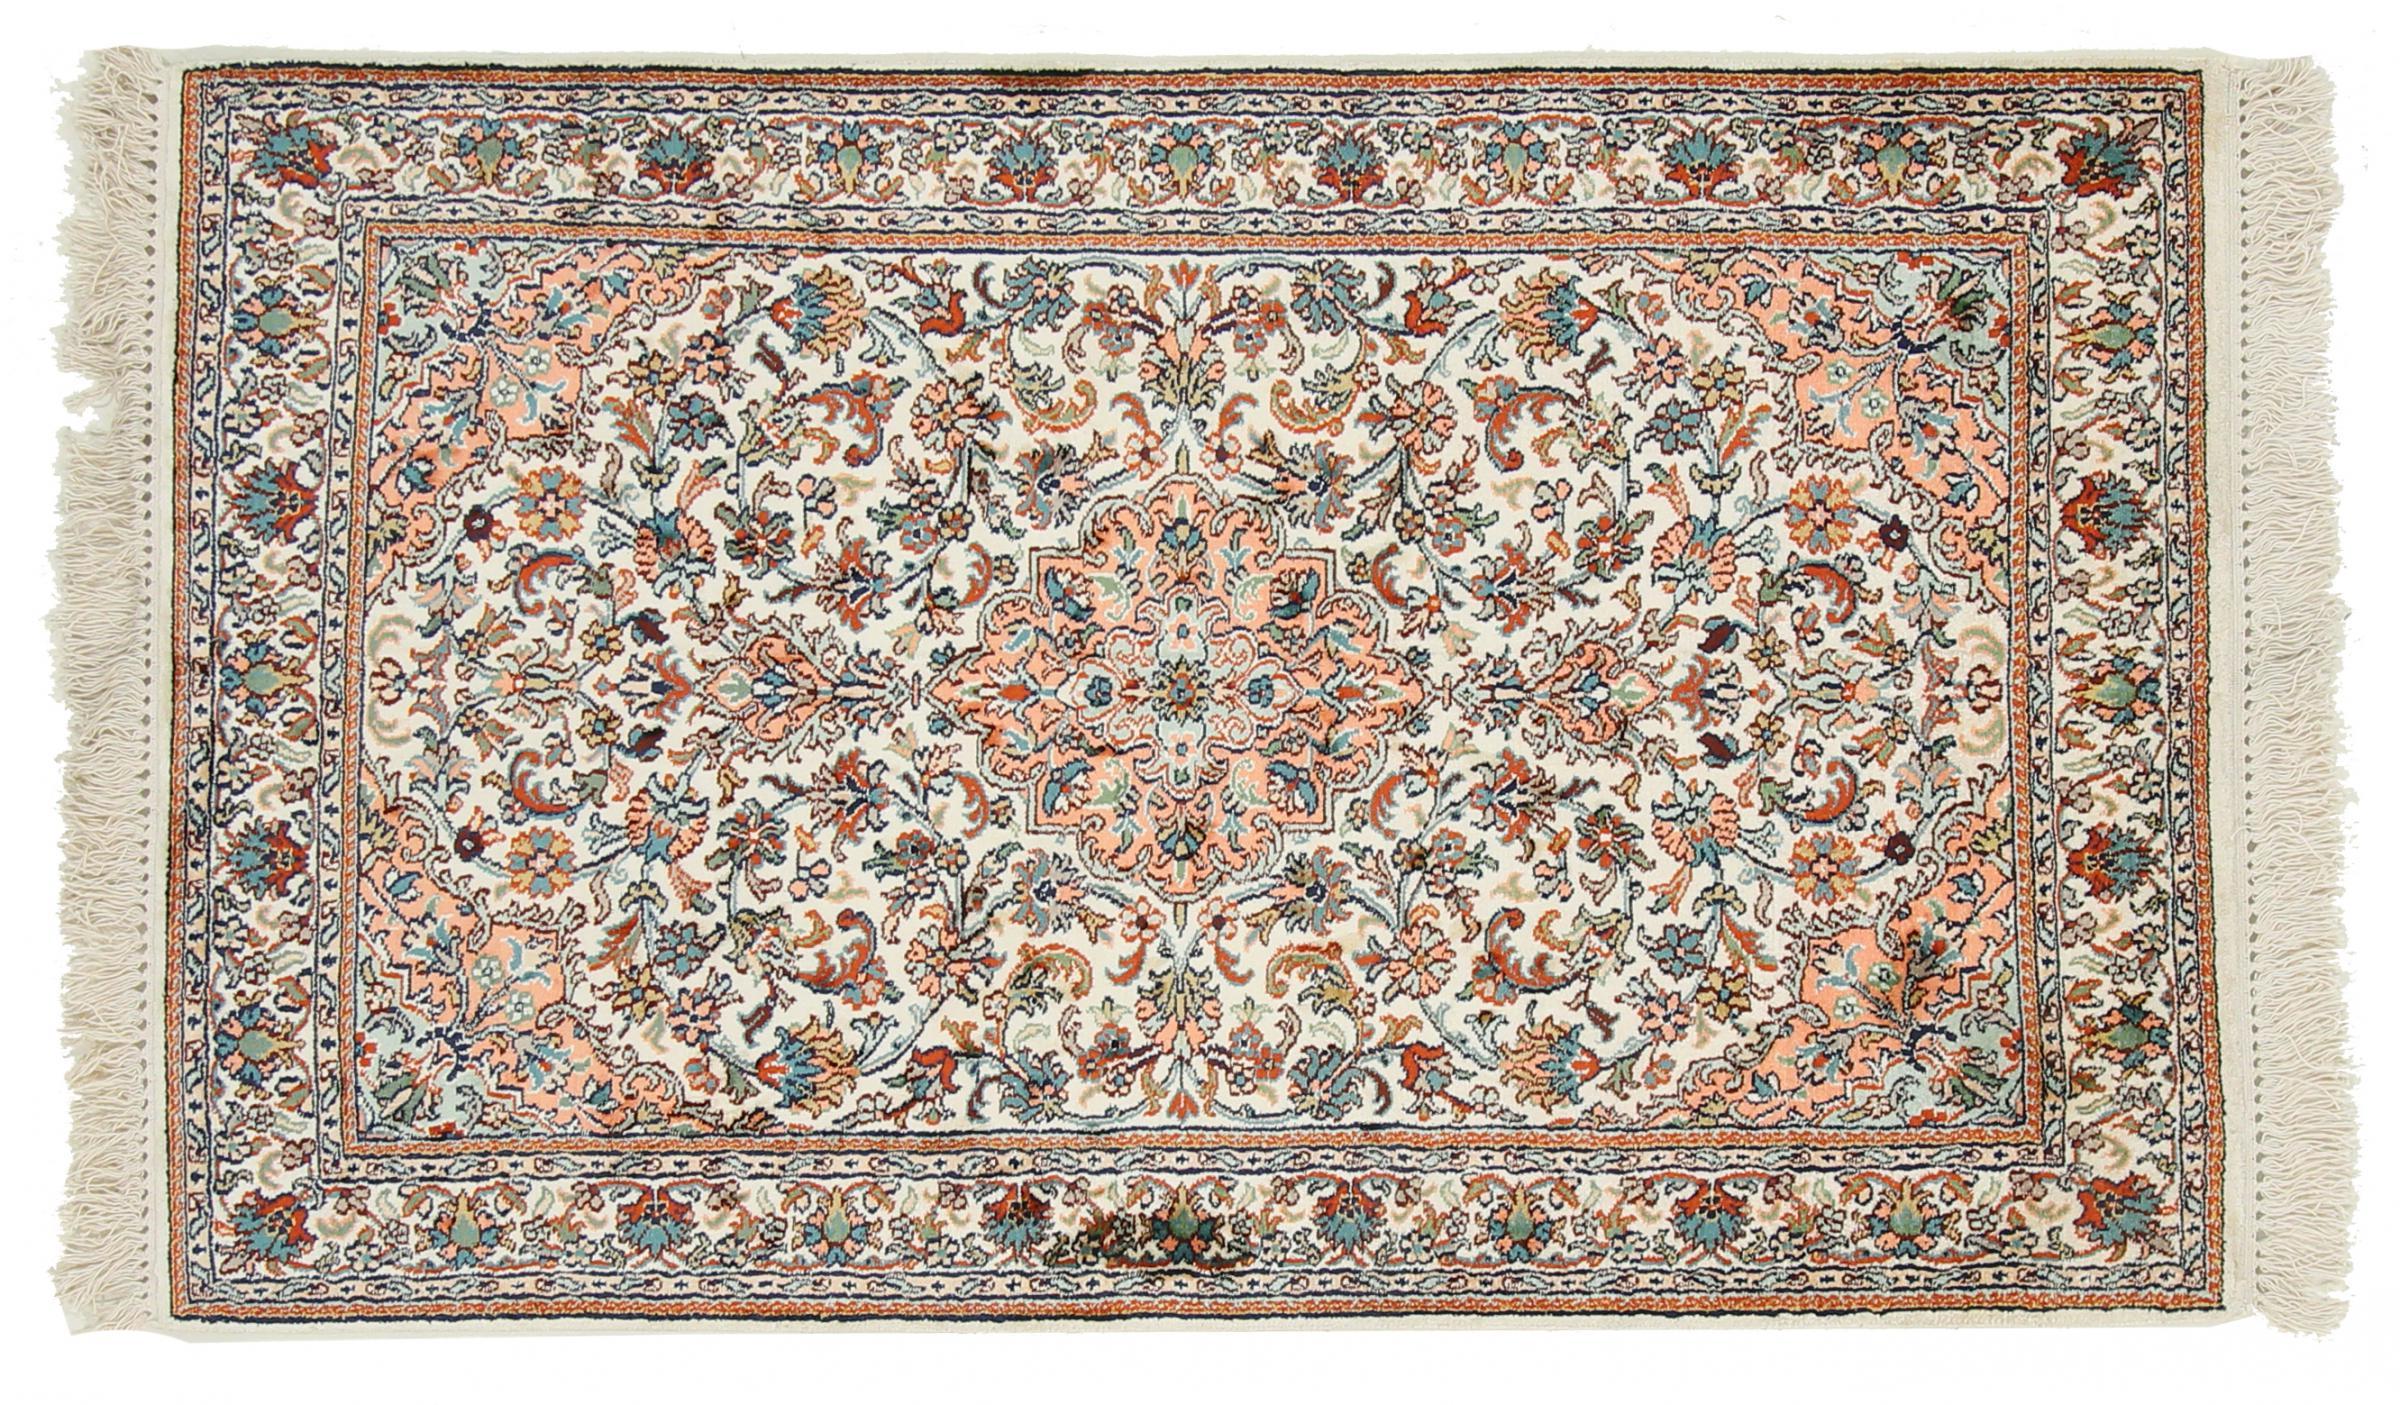 kaschmir reine seide indischer teppich 125x77 id19880. Black Bedroom Furniture Sets. Home Design Ideas